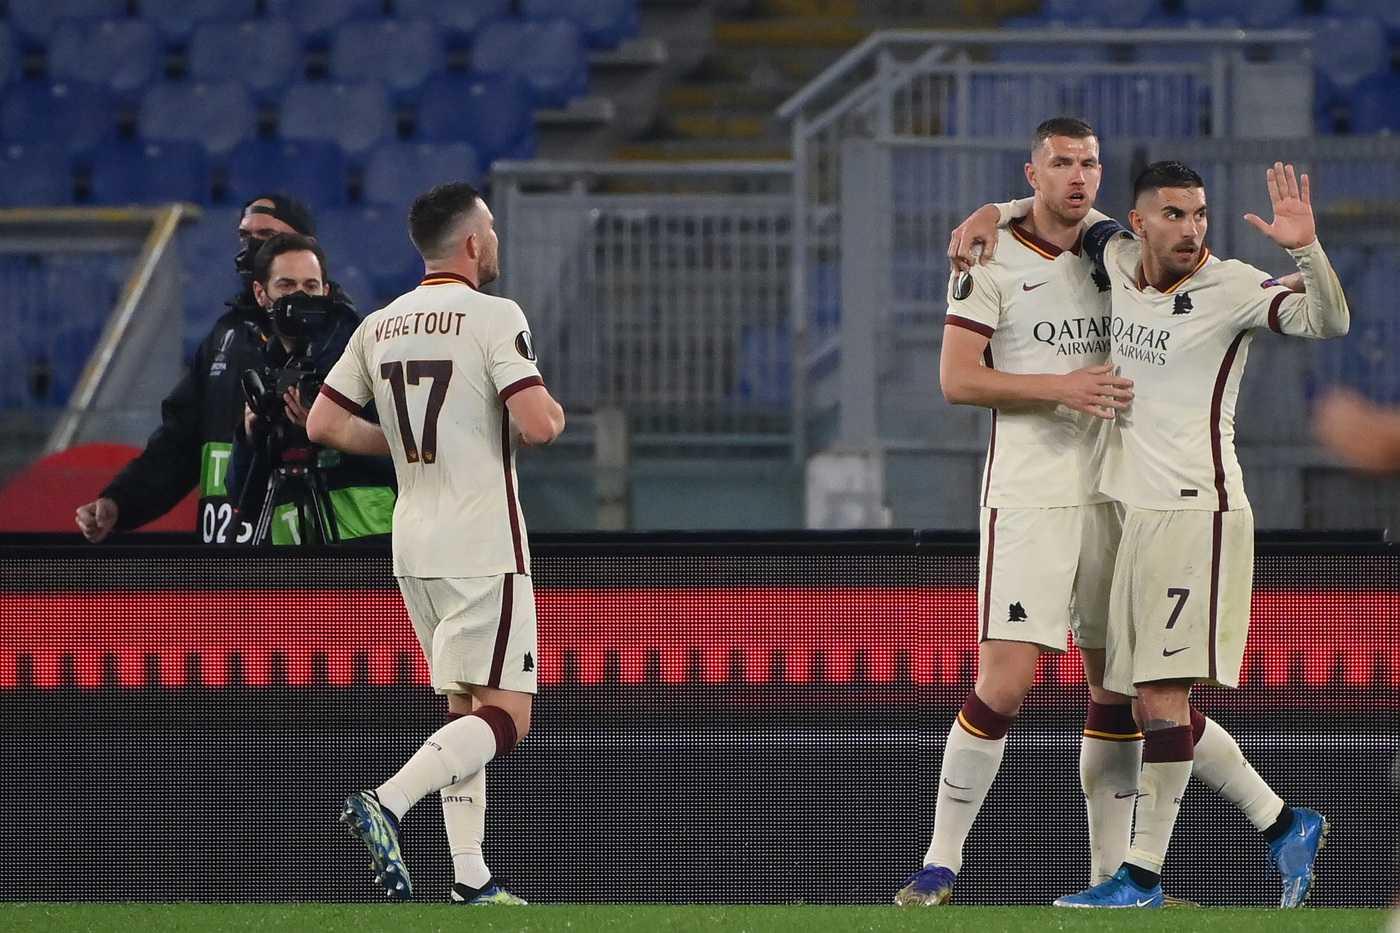 Le pagelle di Roma-Ajax (1-1): Roma in semifinale